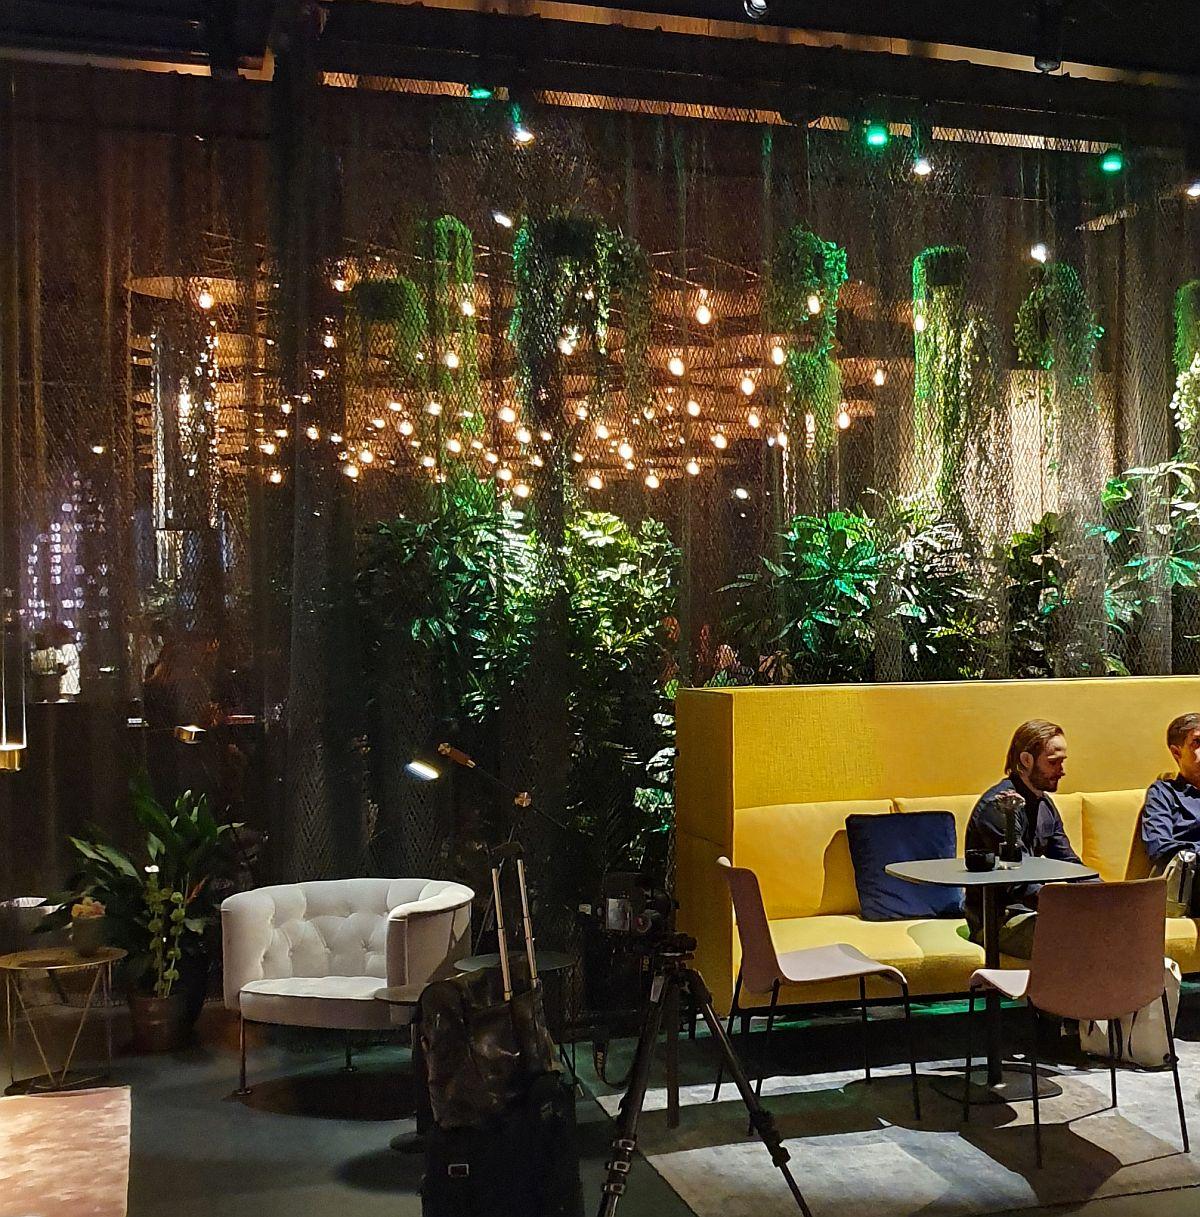 Zona de cafeterie din standul Walter Knoll delimitată cu plase metalice și plante. Plus lumini plăcute pentru atmosferă plăcută.